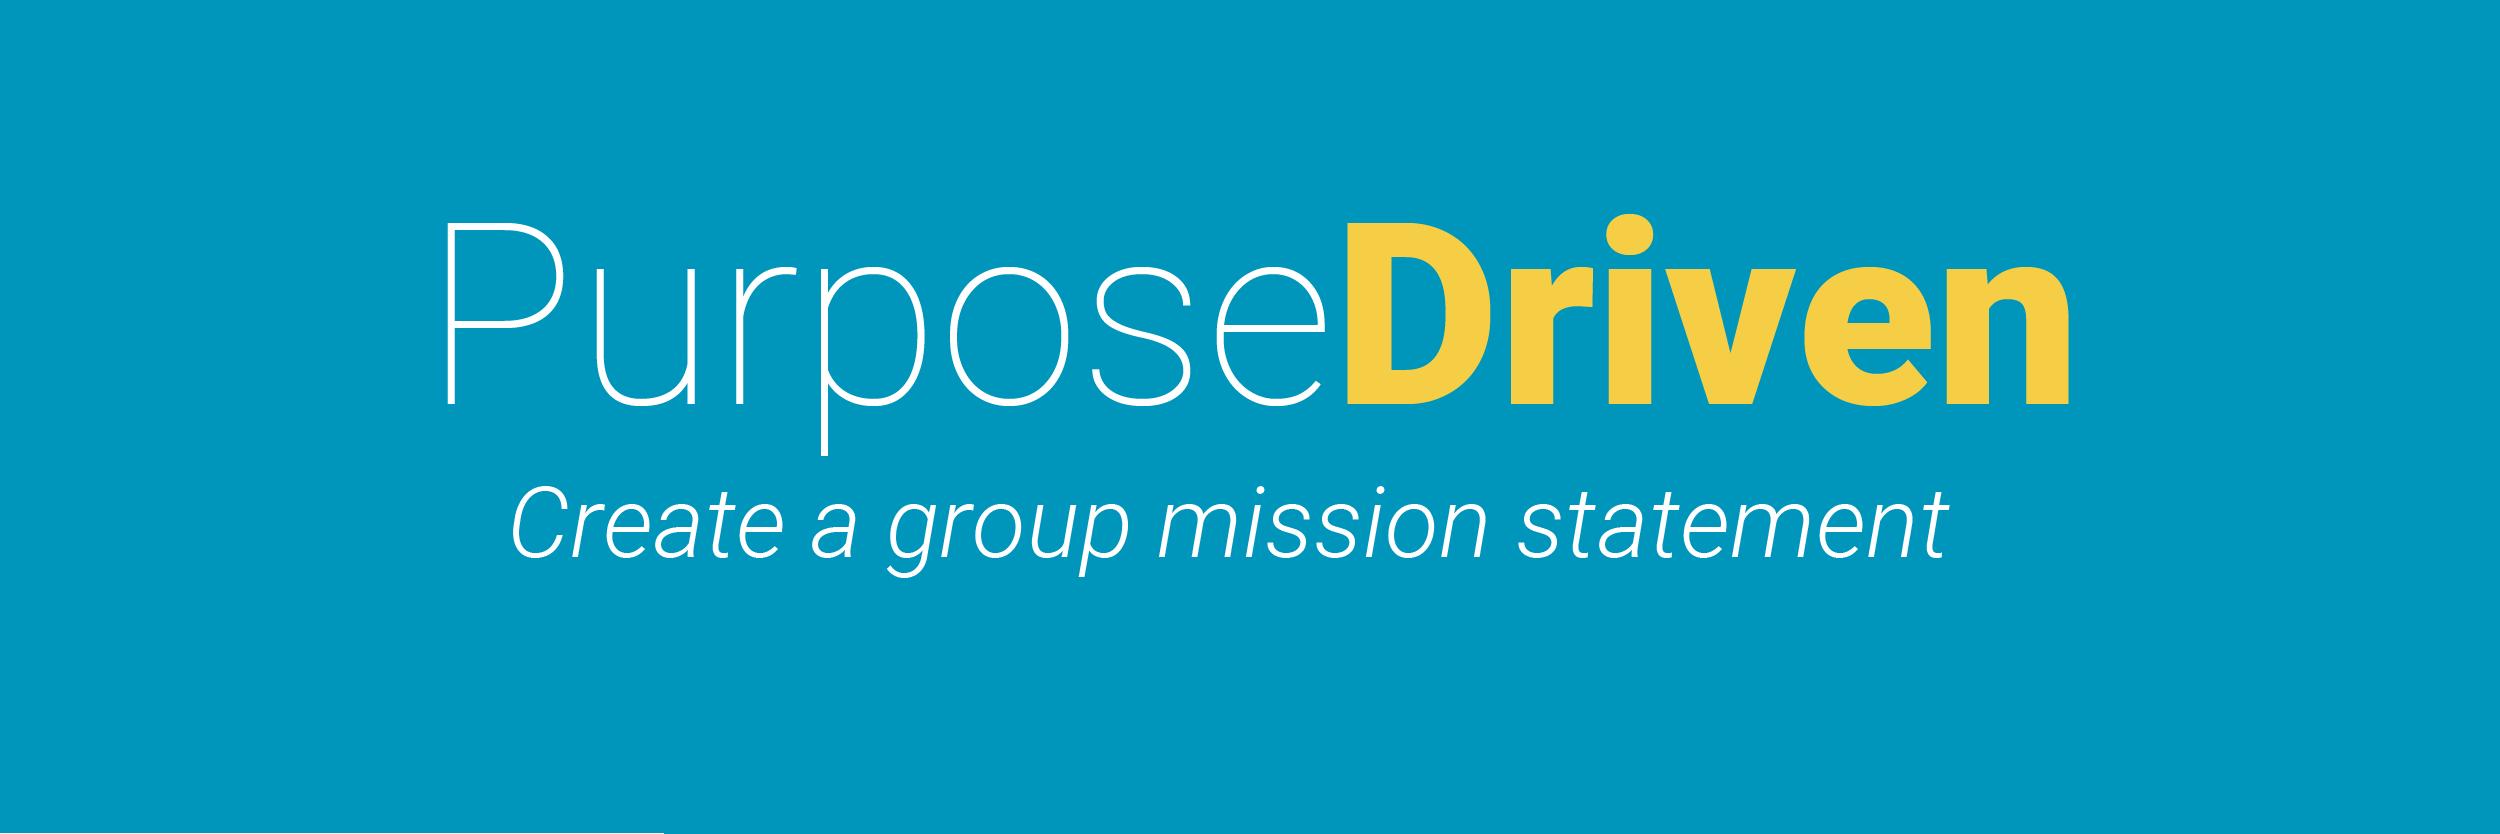 Purpose Driven-01